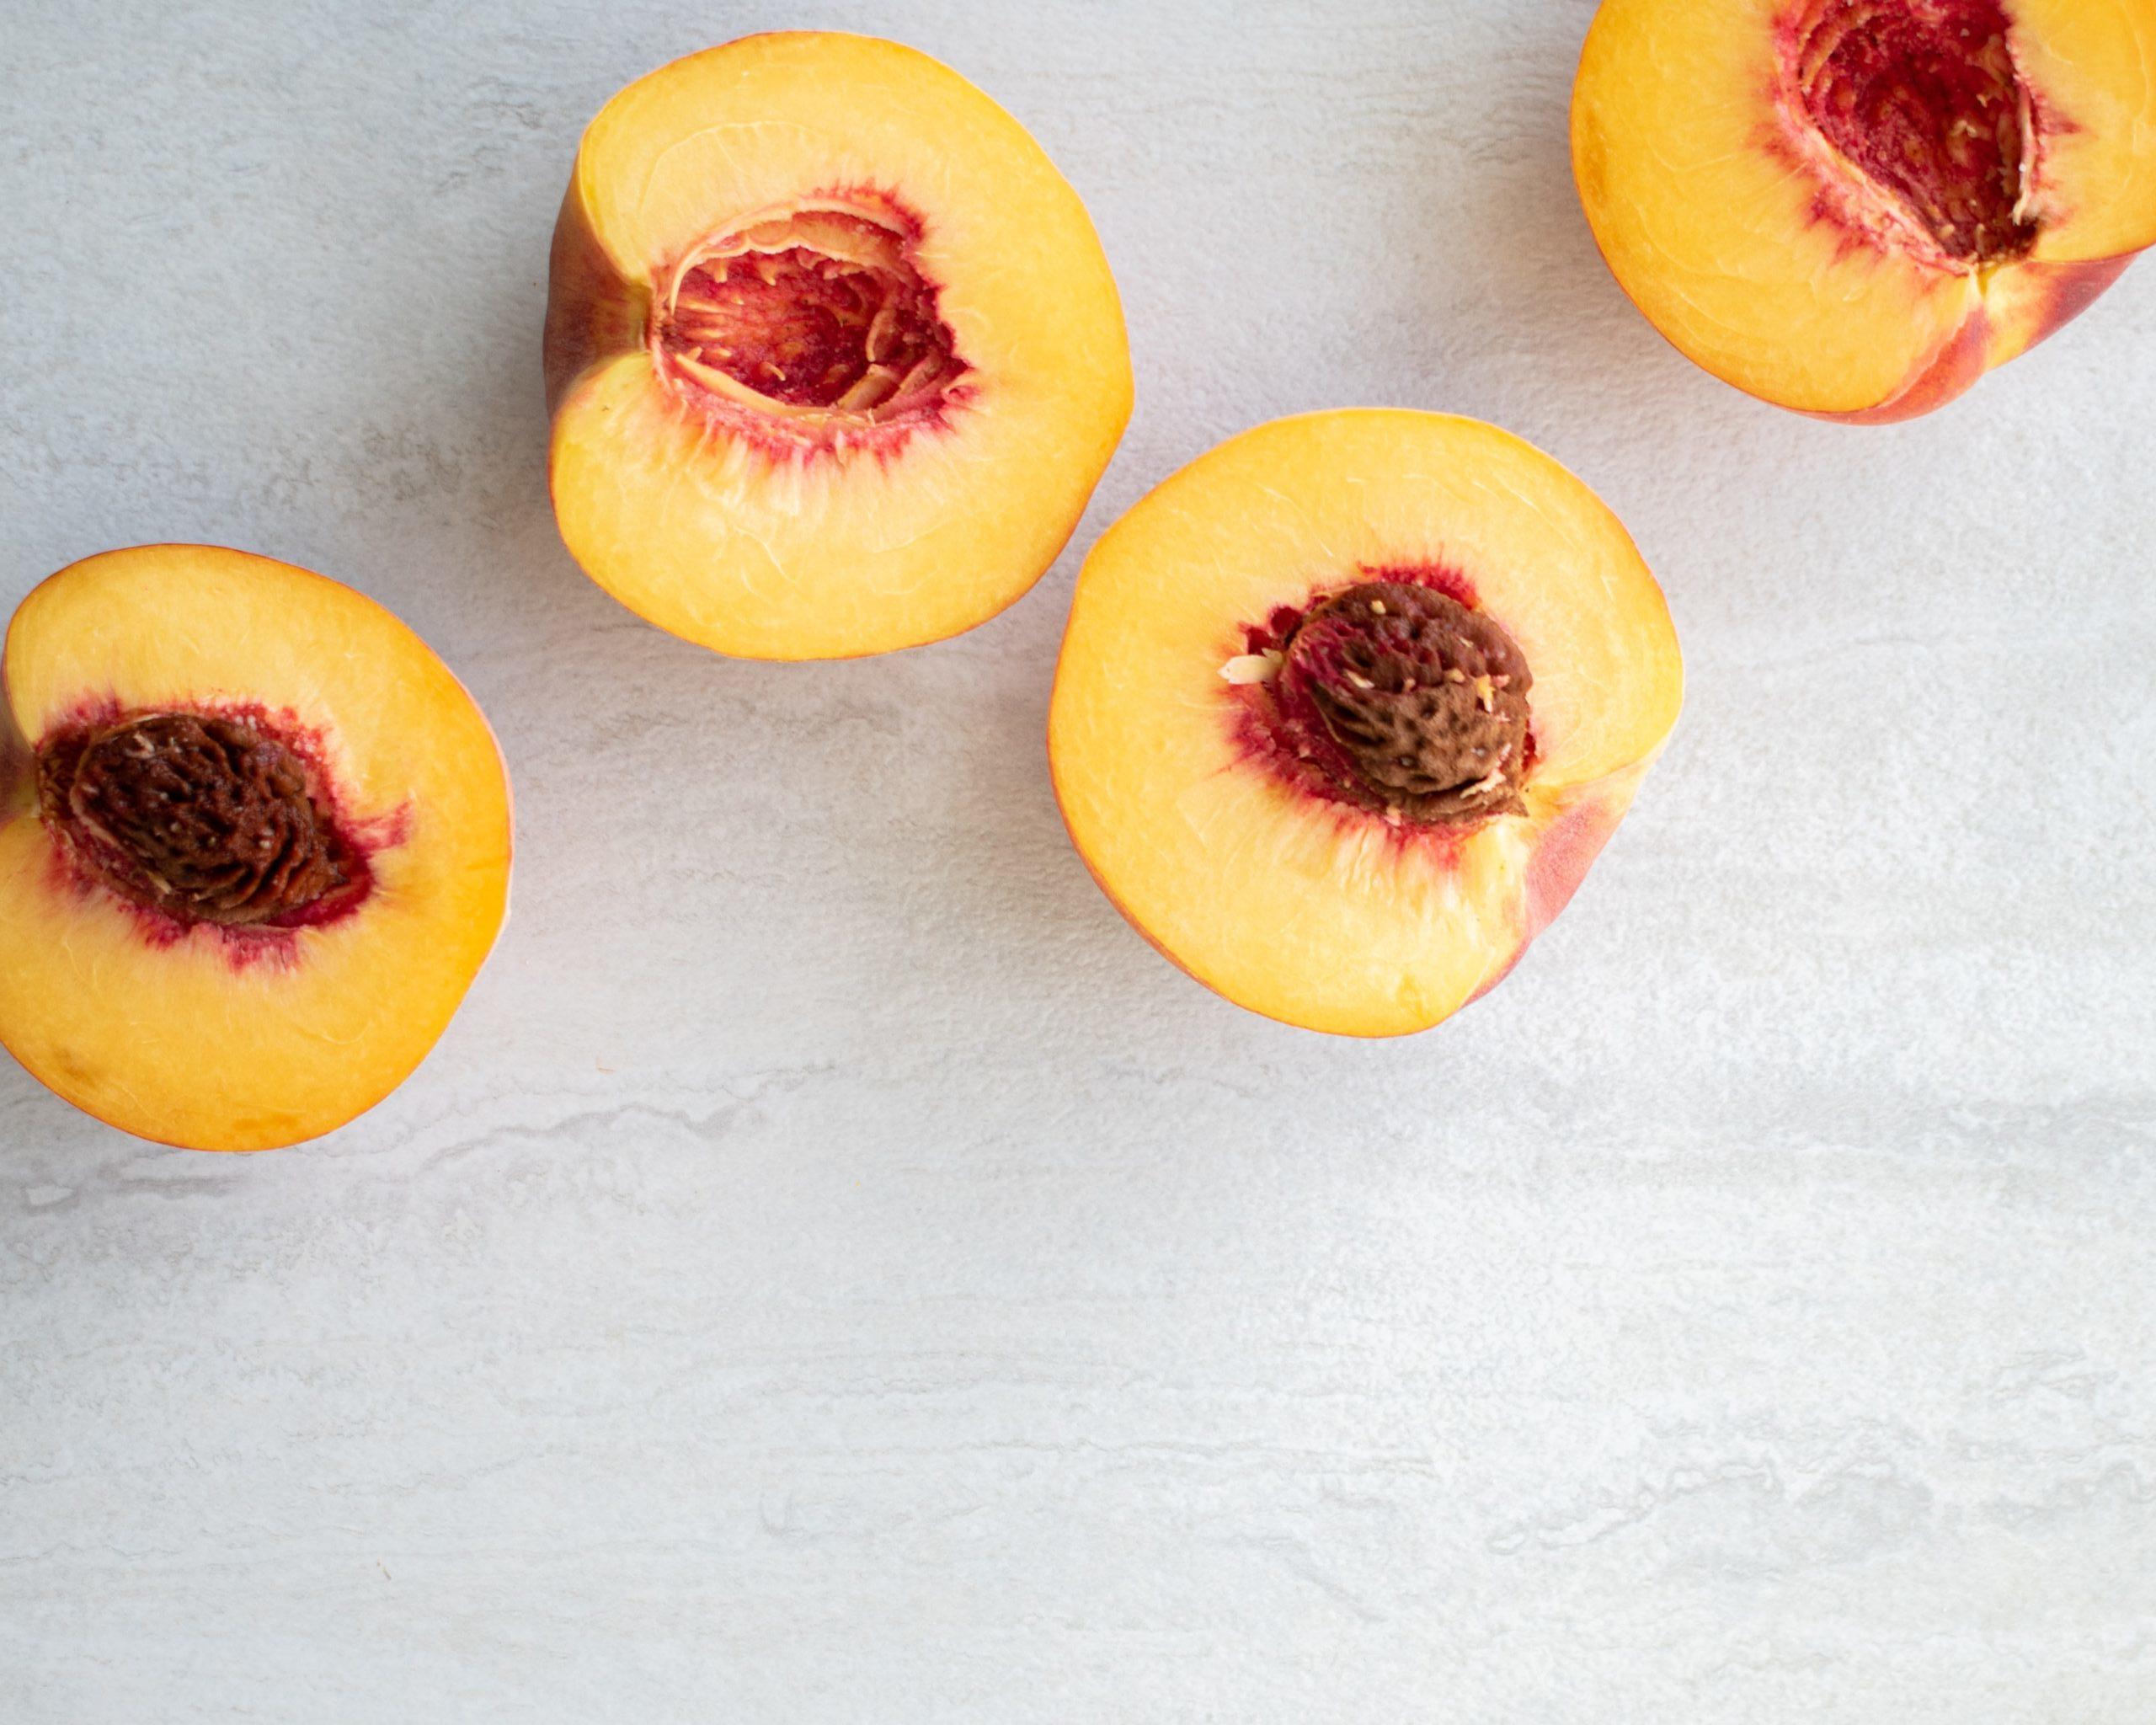 Alergia a las frutas